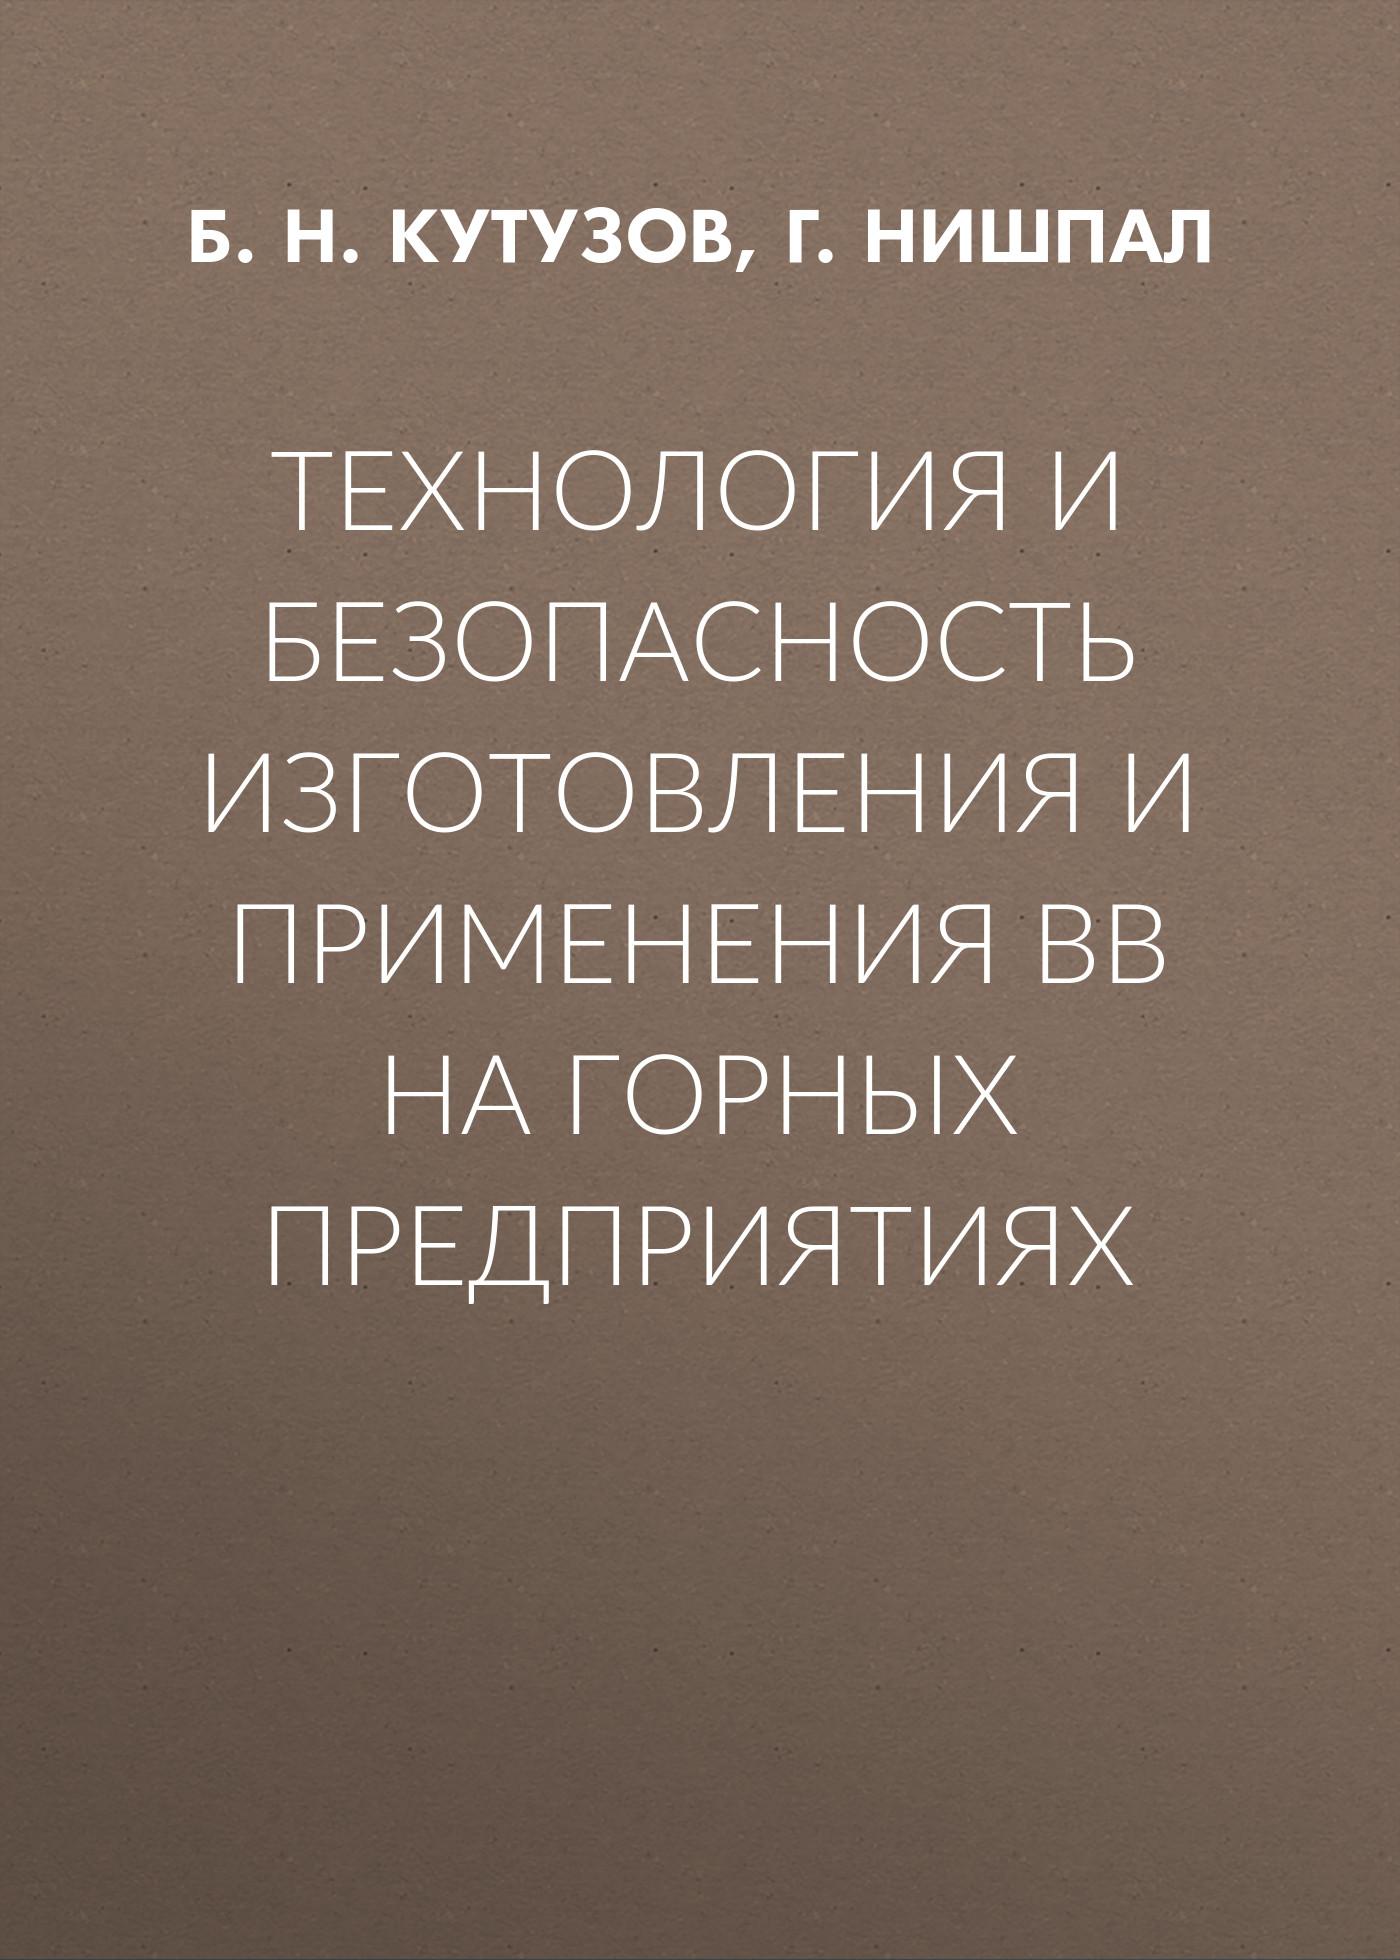 Б. Н. Кутузов Технология и безопасность изготовления и применения ВВ на горных предприятиях е ф цапенко электробезопасность на горных предприятиях